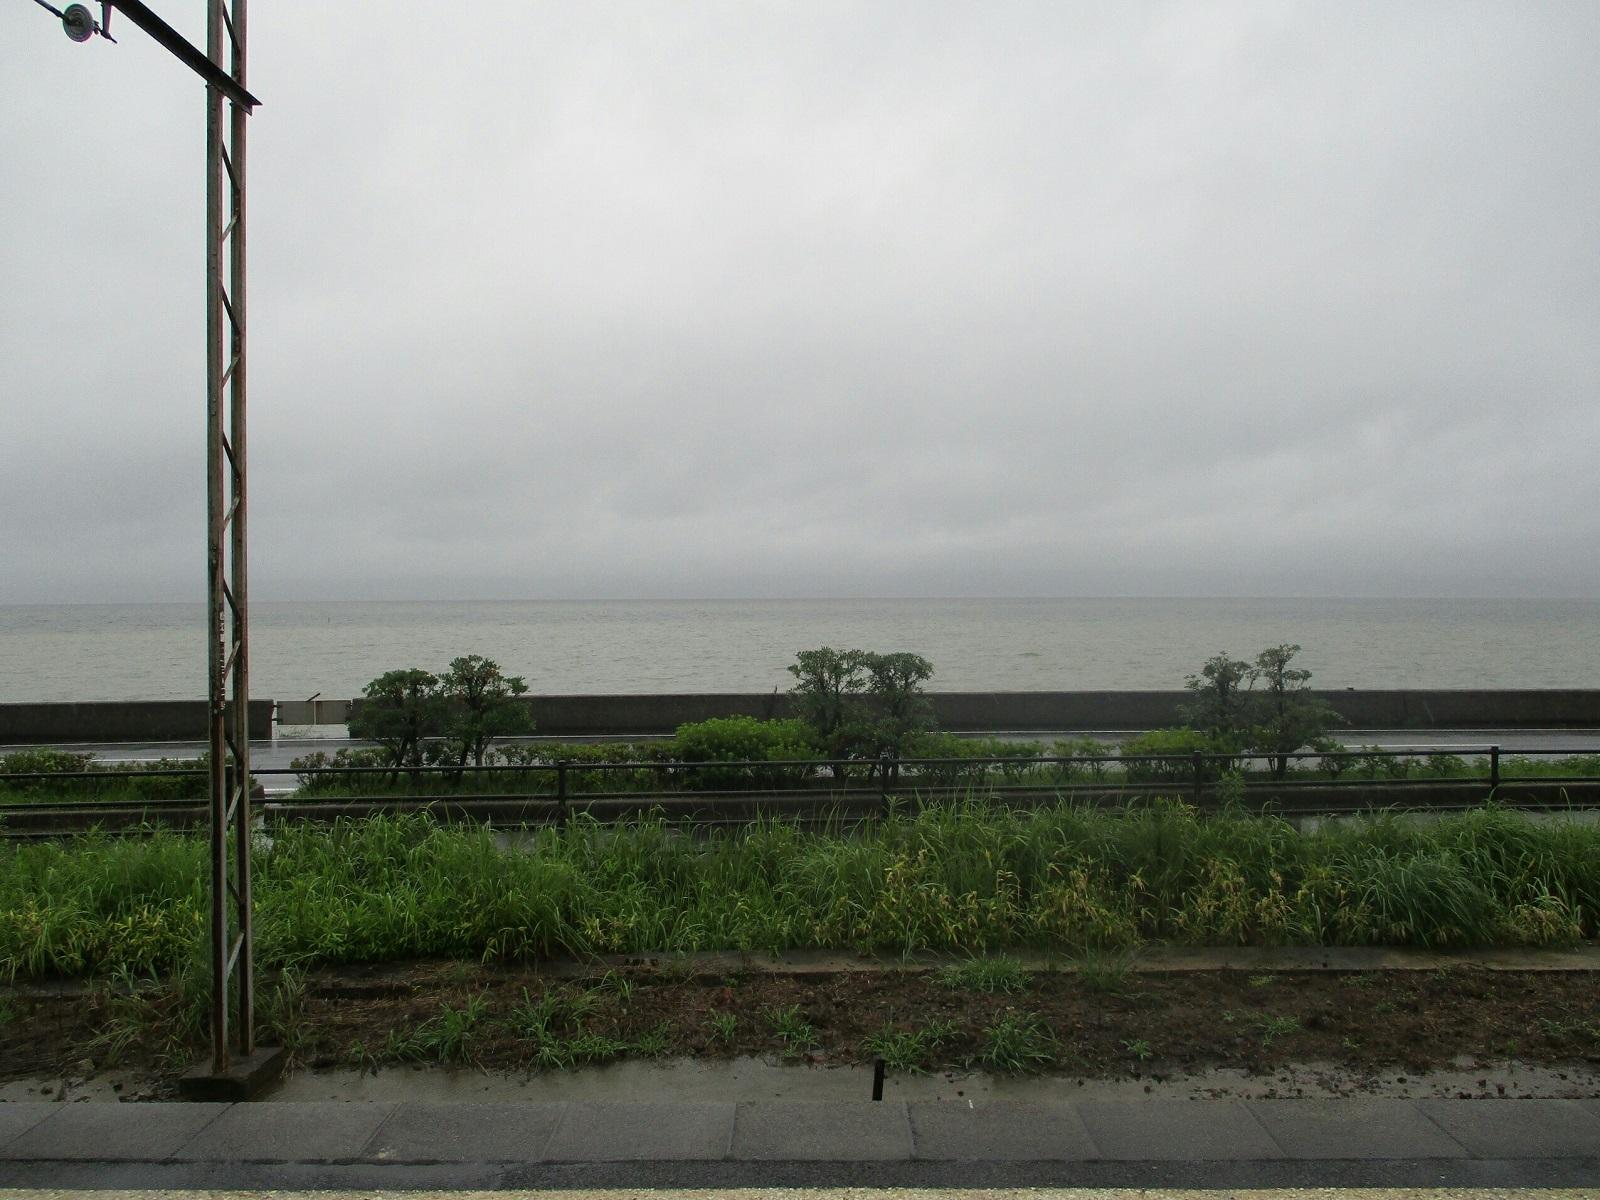 2018.7.6 (173) 松江しんじ湖温泉いきふつう - 秋鹿町 1600-1200